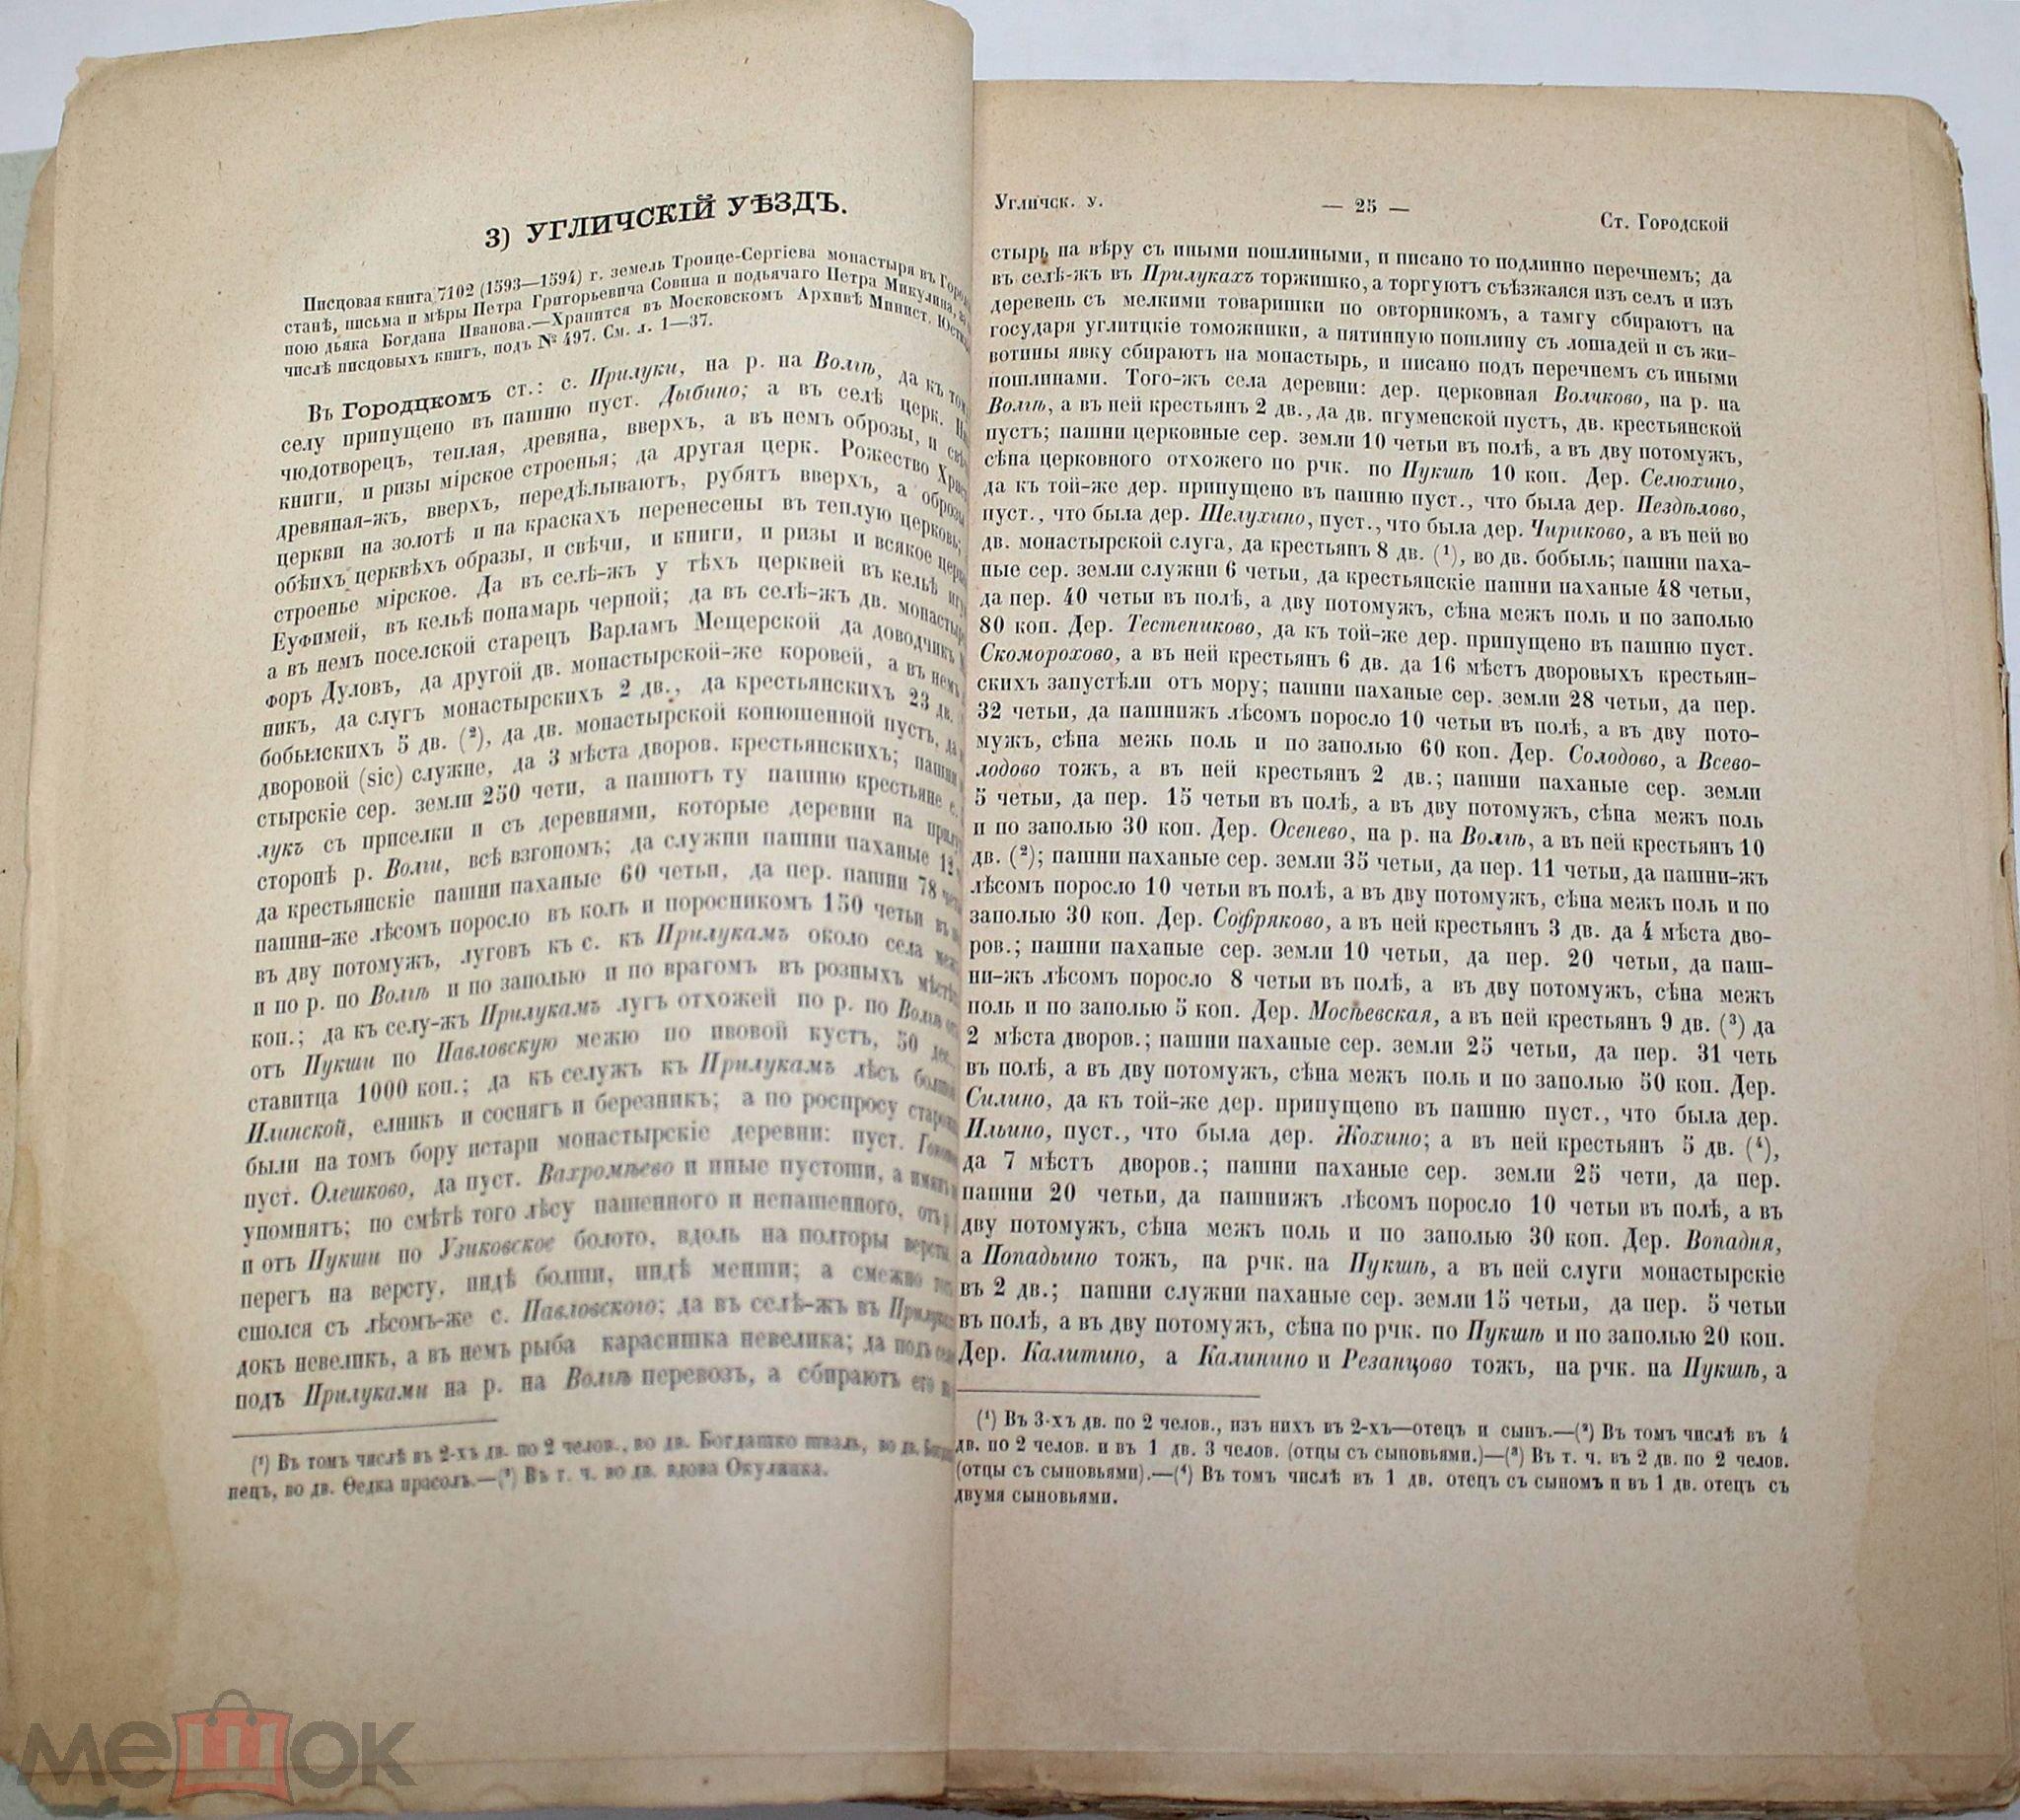 Калачов Н.В. Писцовые книги XVI века. Отделение II. 1877 г.